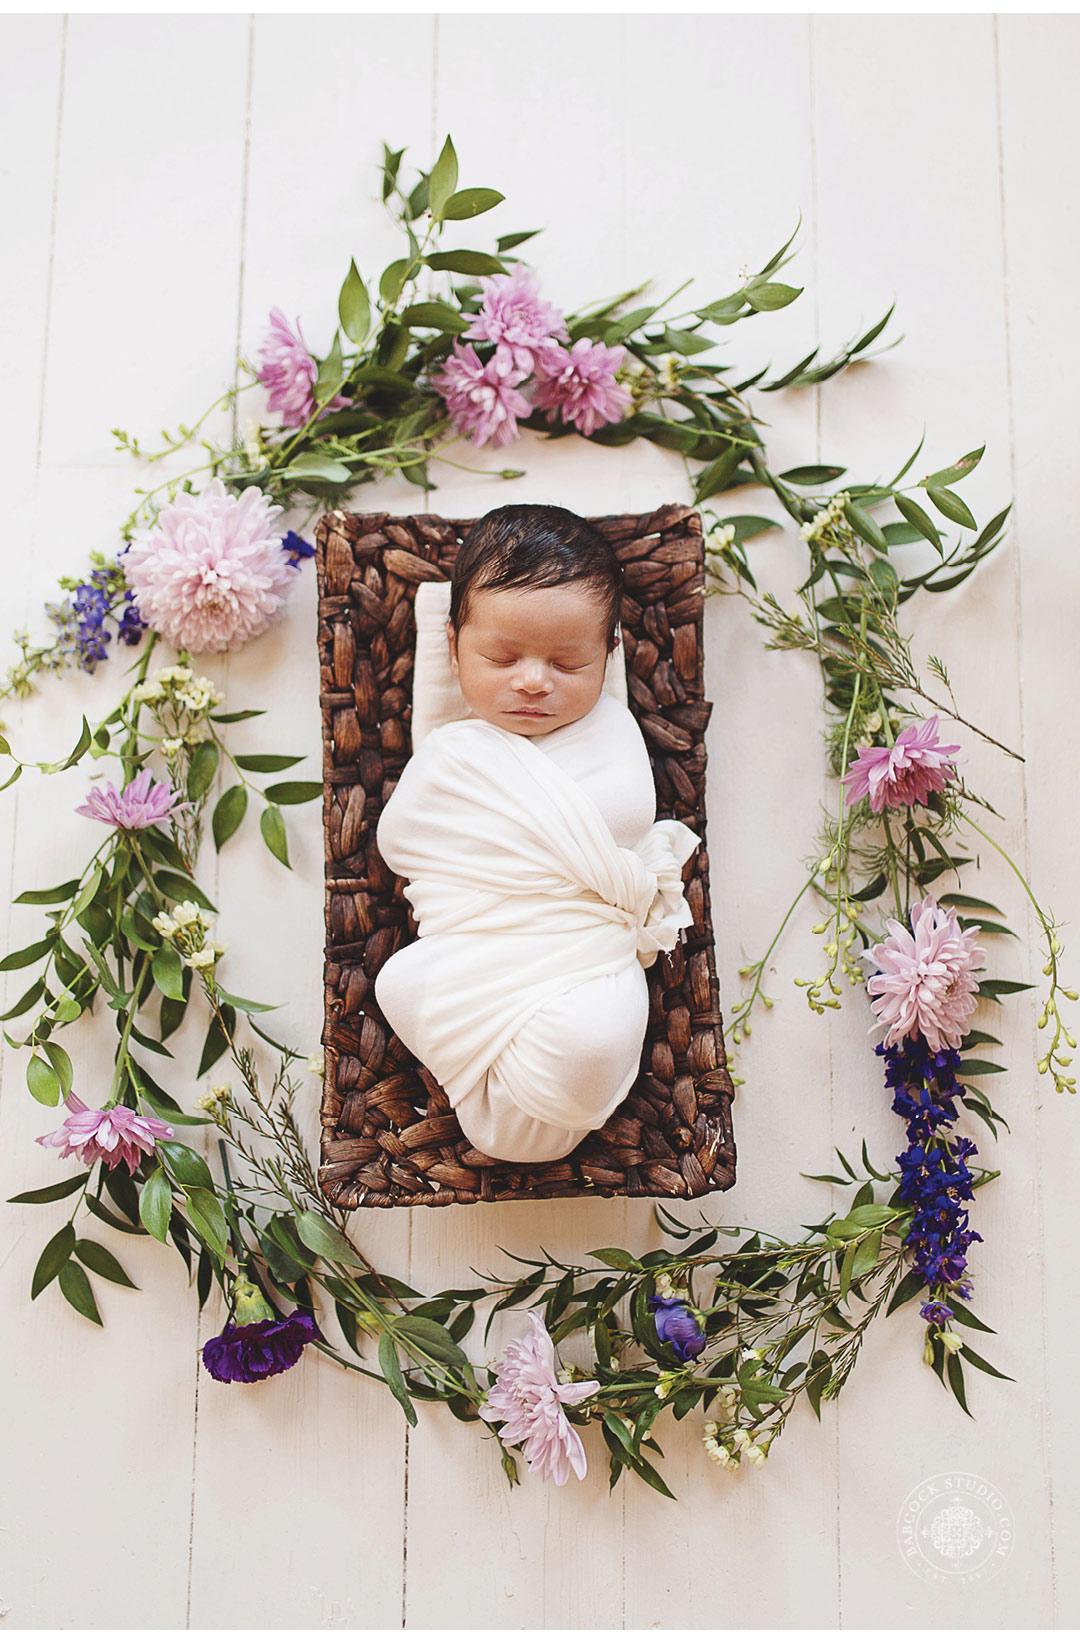 watras-newborn-bellbrook-photographer-children-.jpg